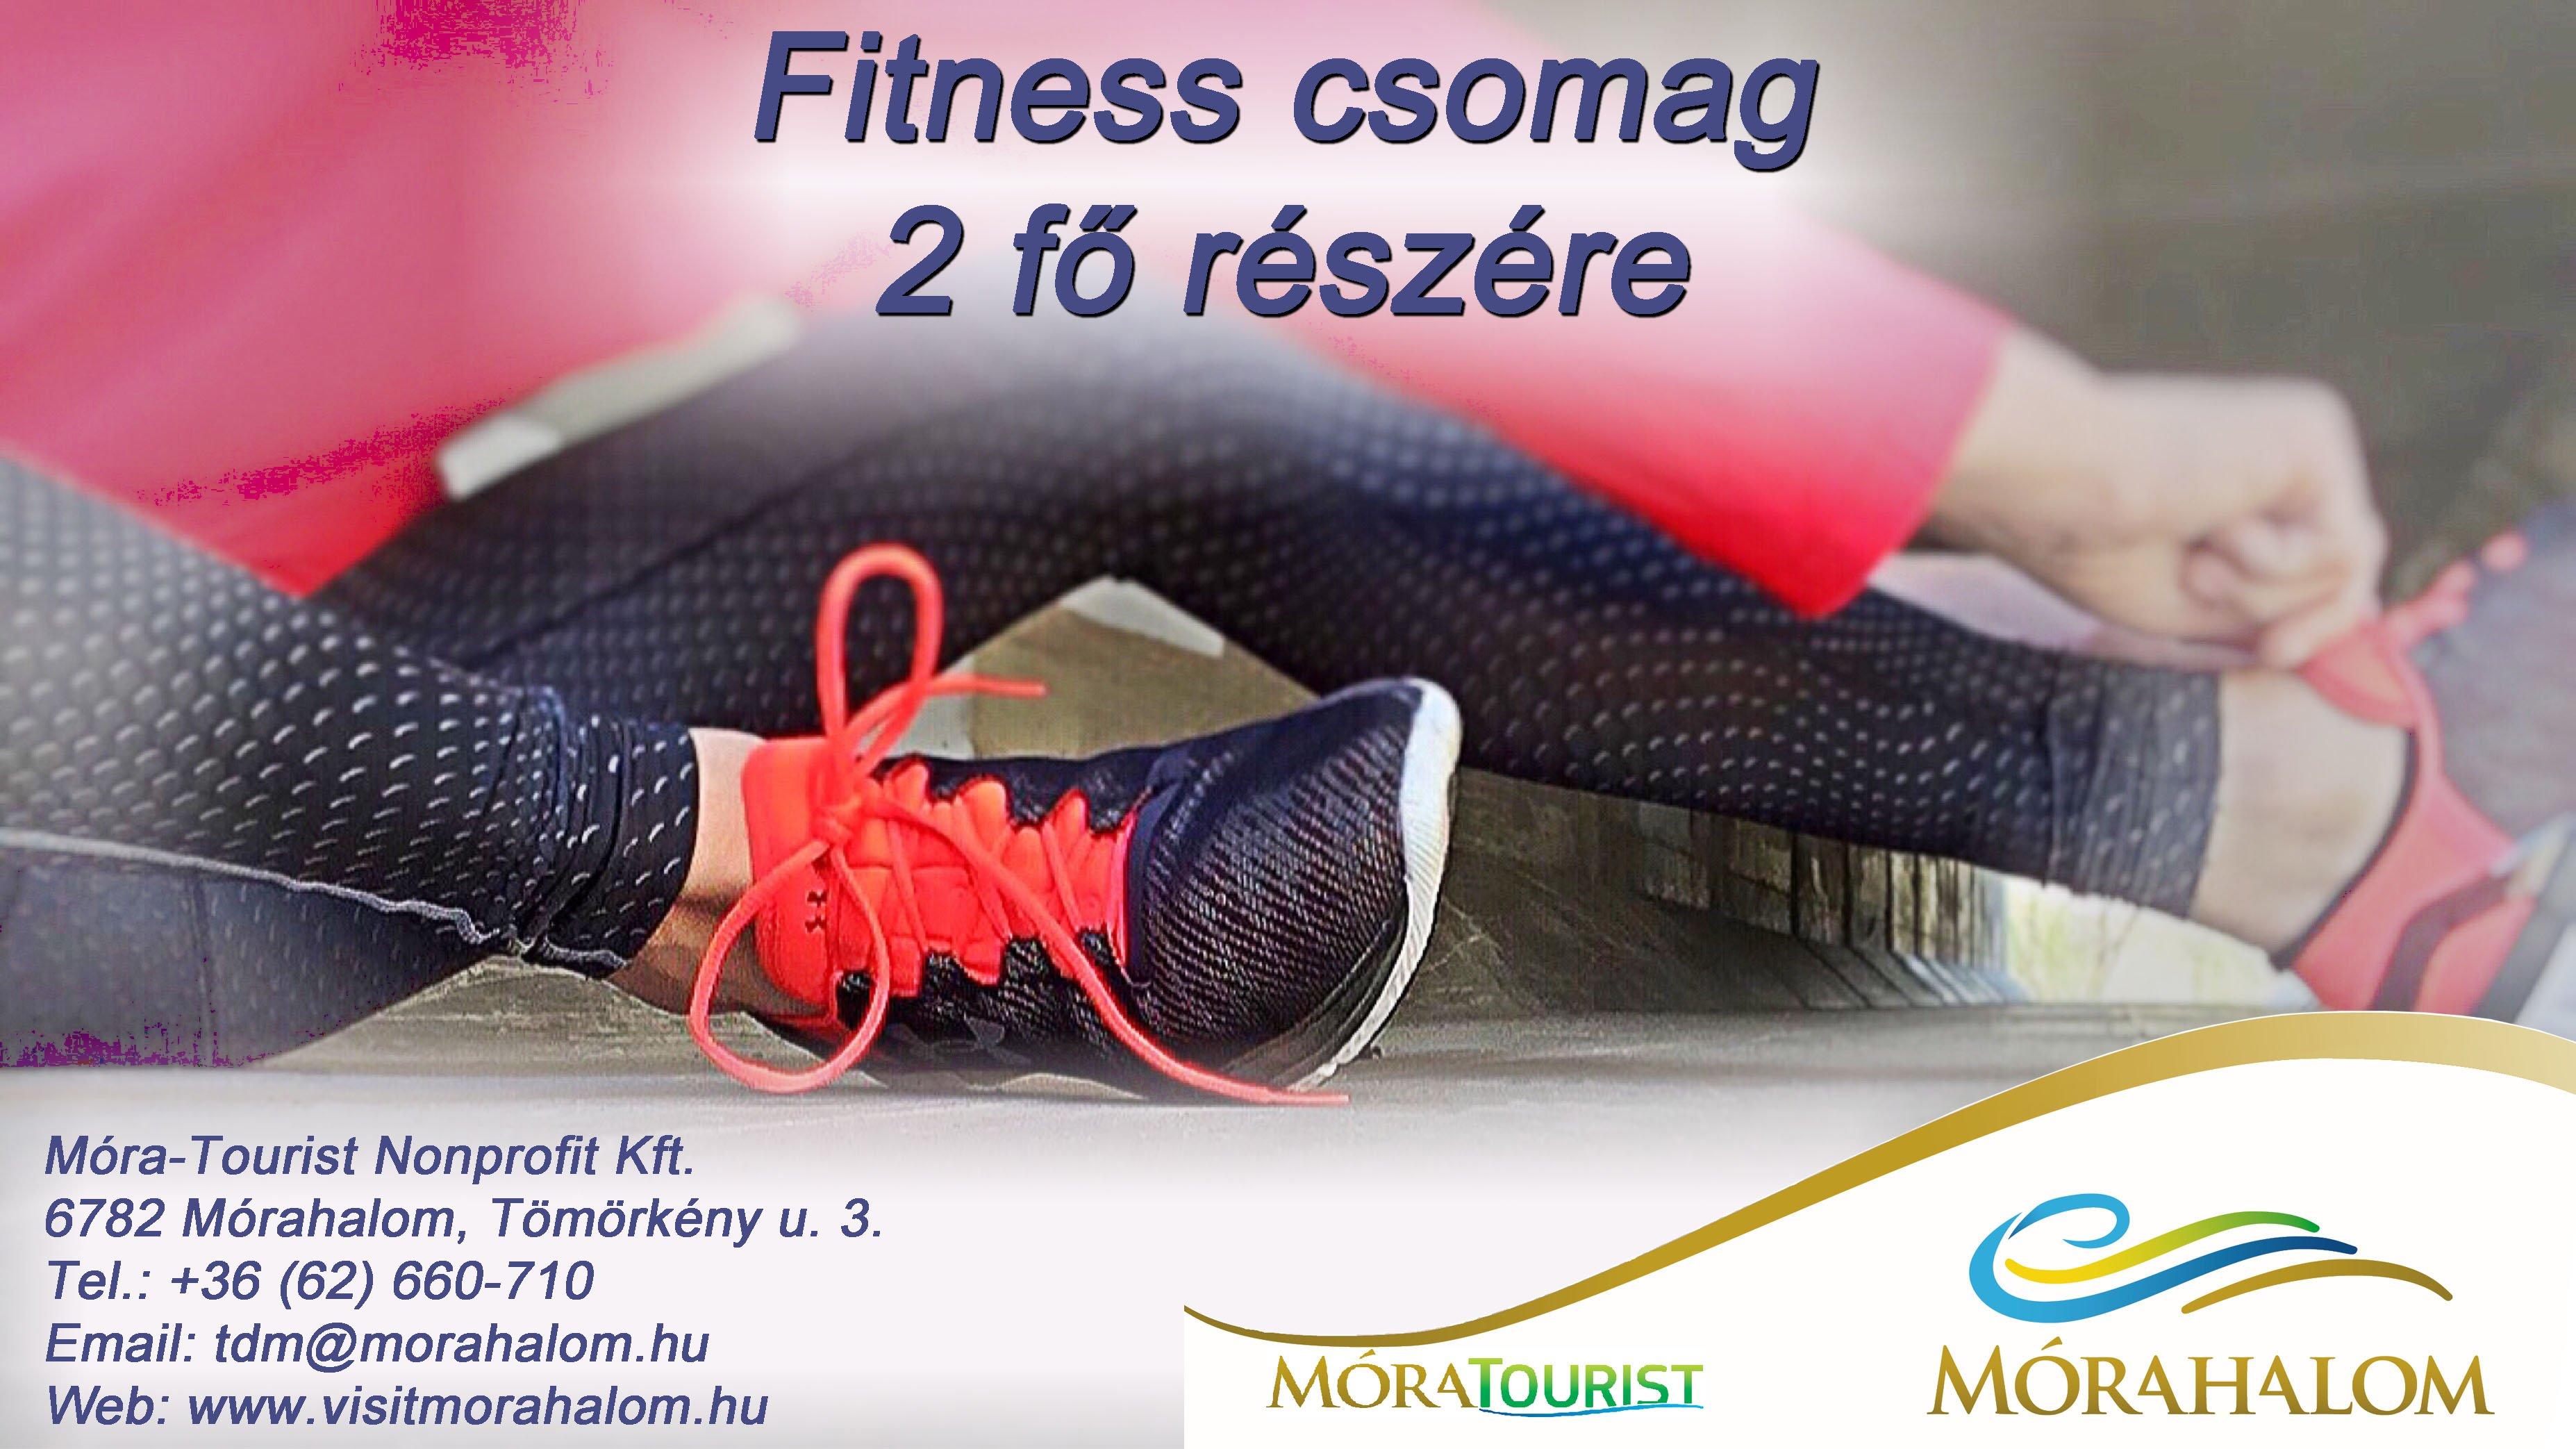 Fitness csomag